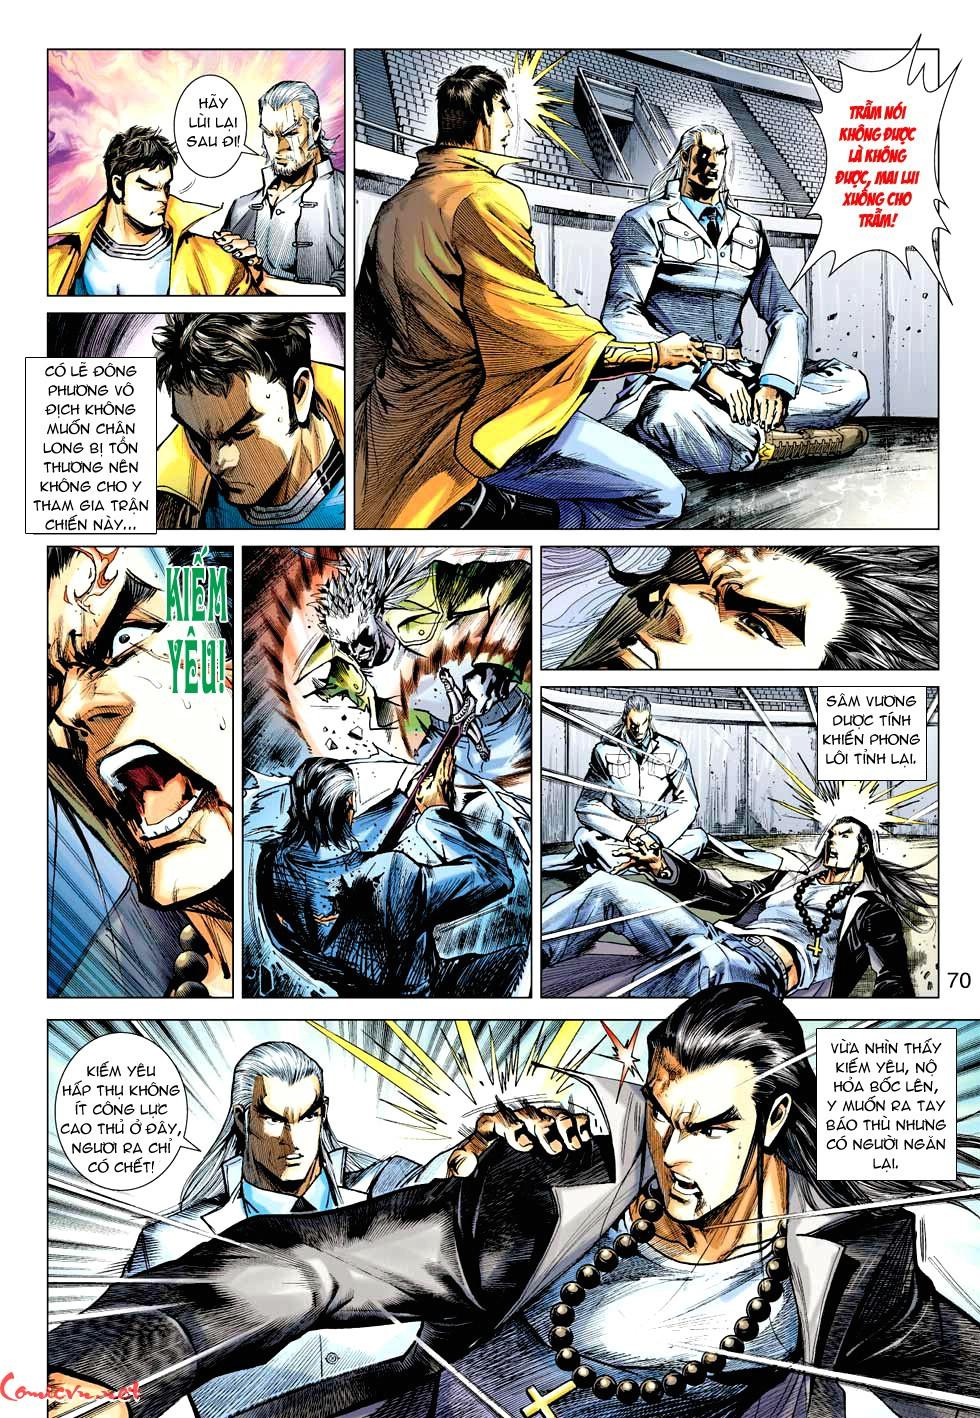 Vương Phong Lôi 1 chap 35 - Trang 27